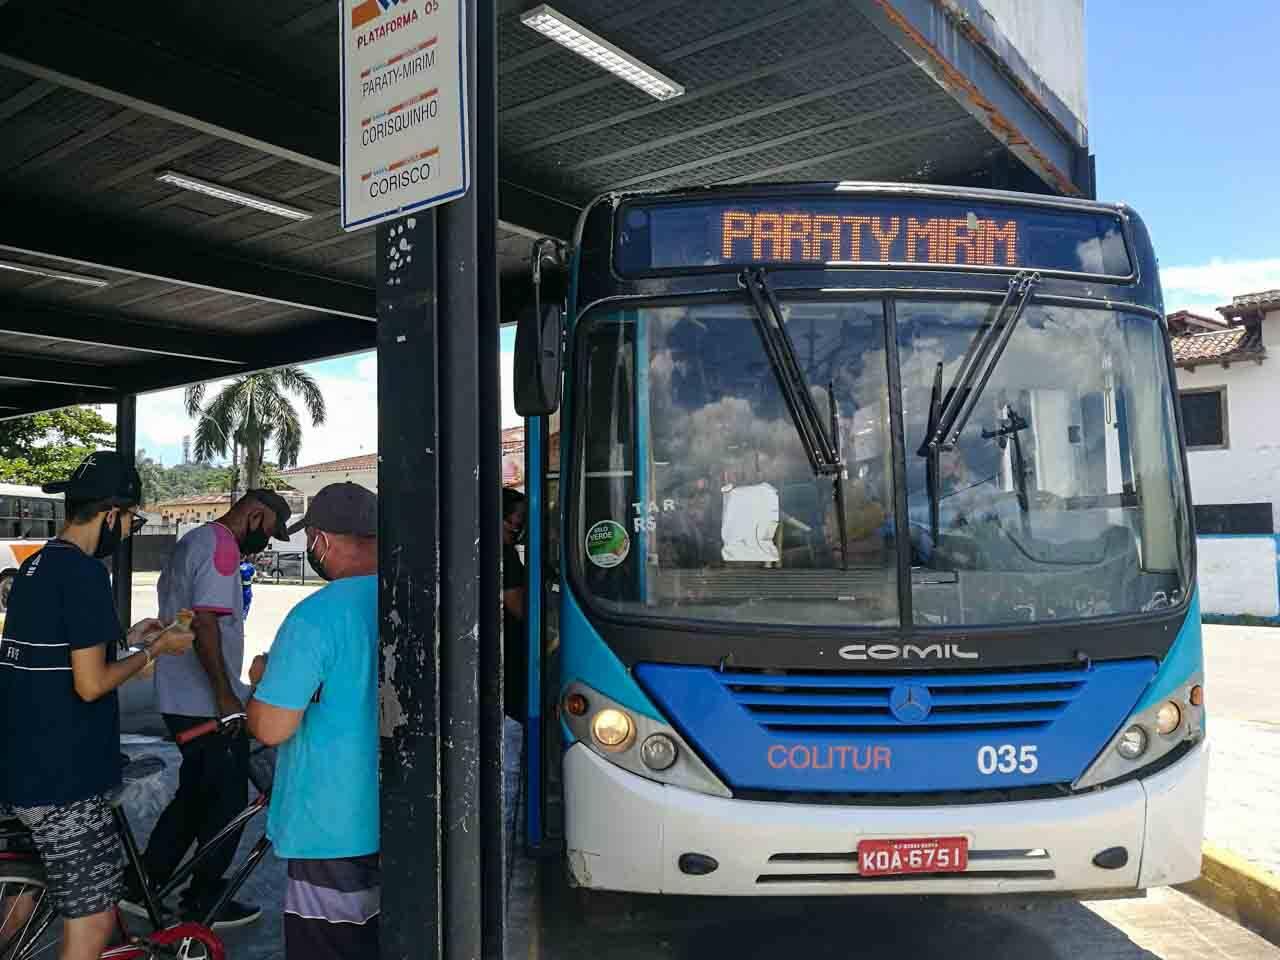 Dica de como chegar no Saco do Mamanguá: Ônibus da Rodoviária de Paraty para Paraty Mirim, demora cerca de 40 minutos.